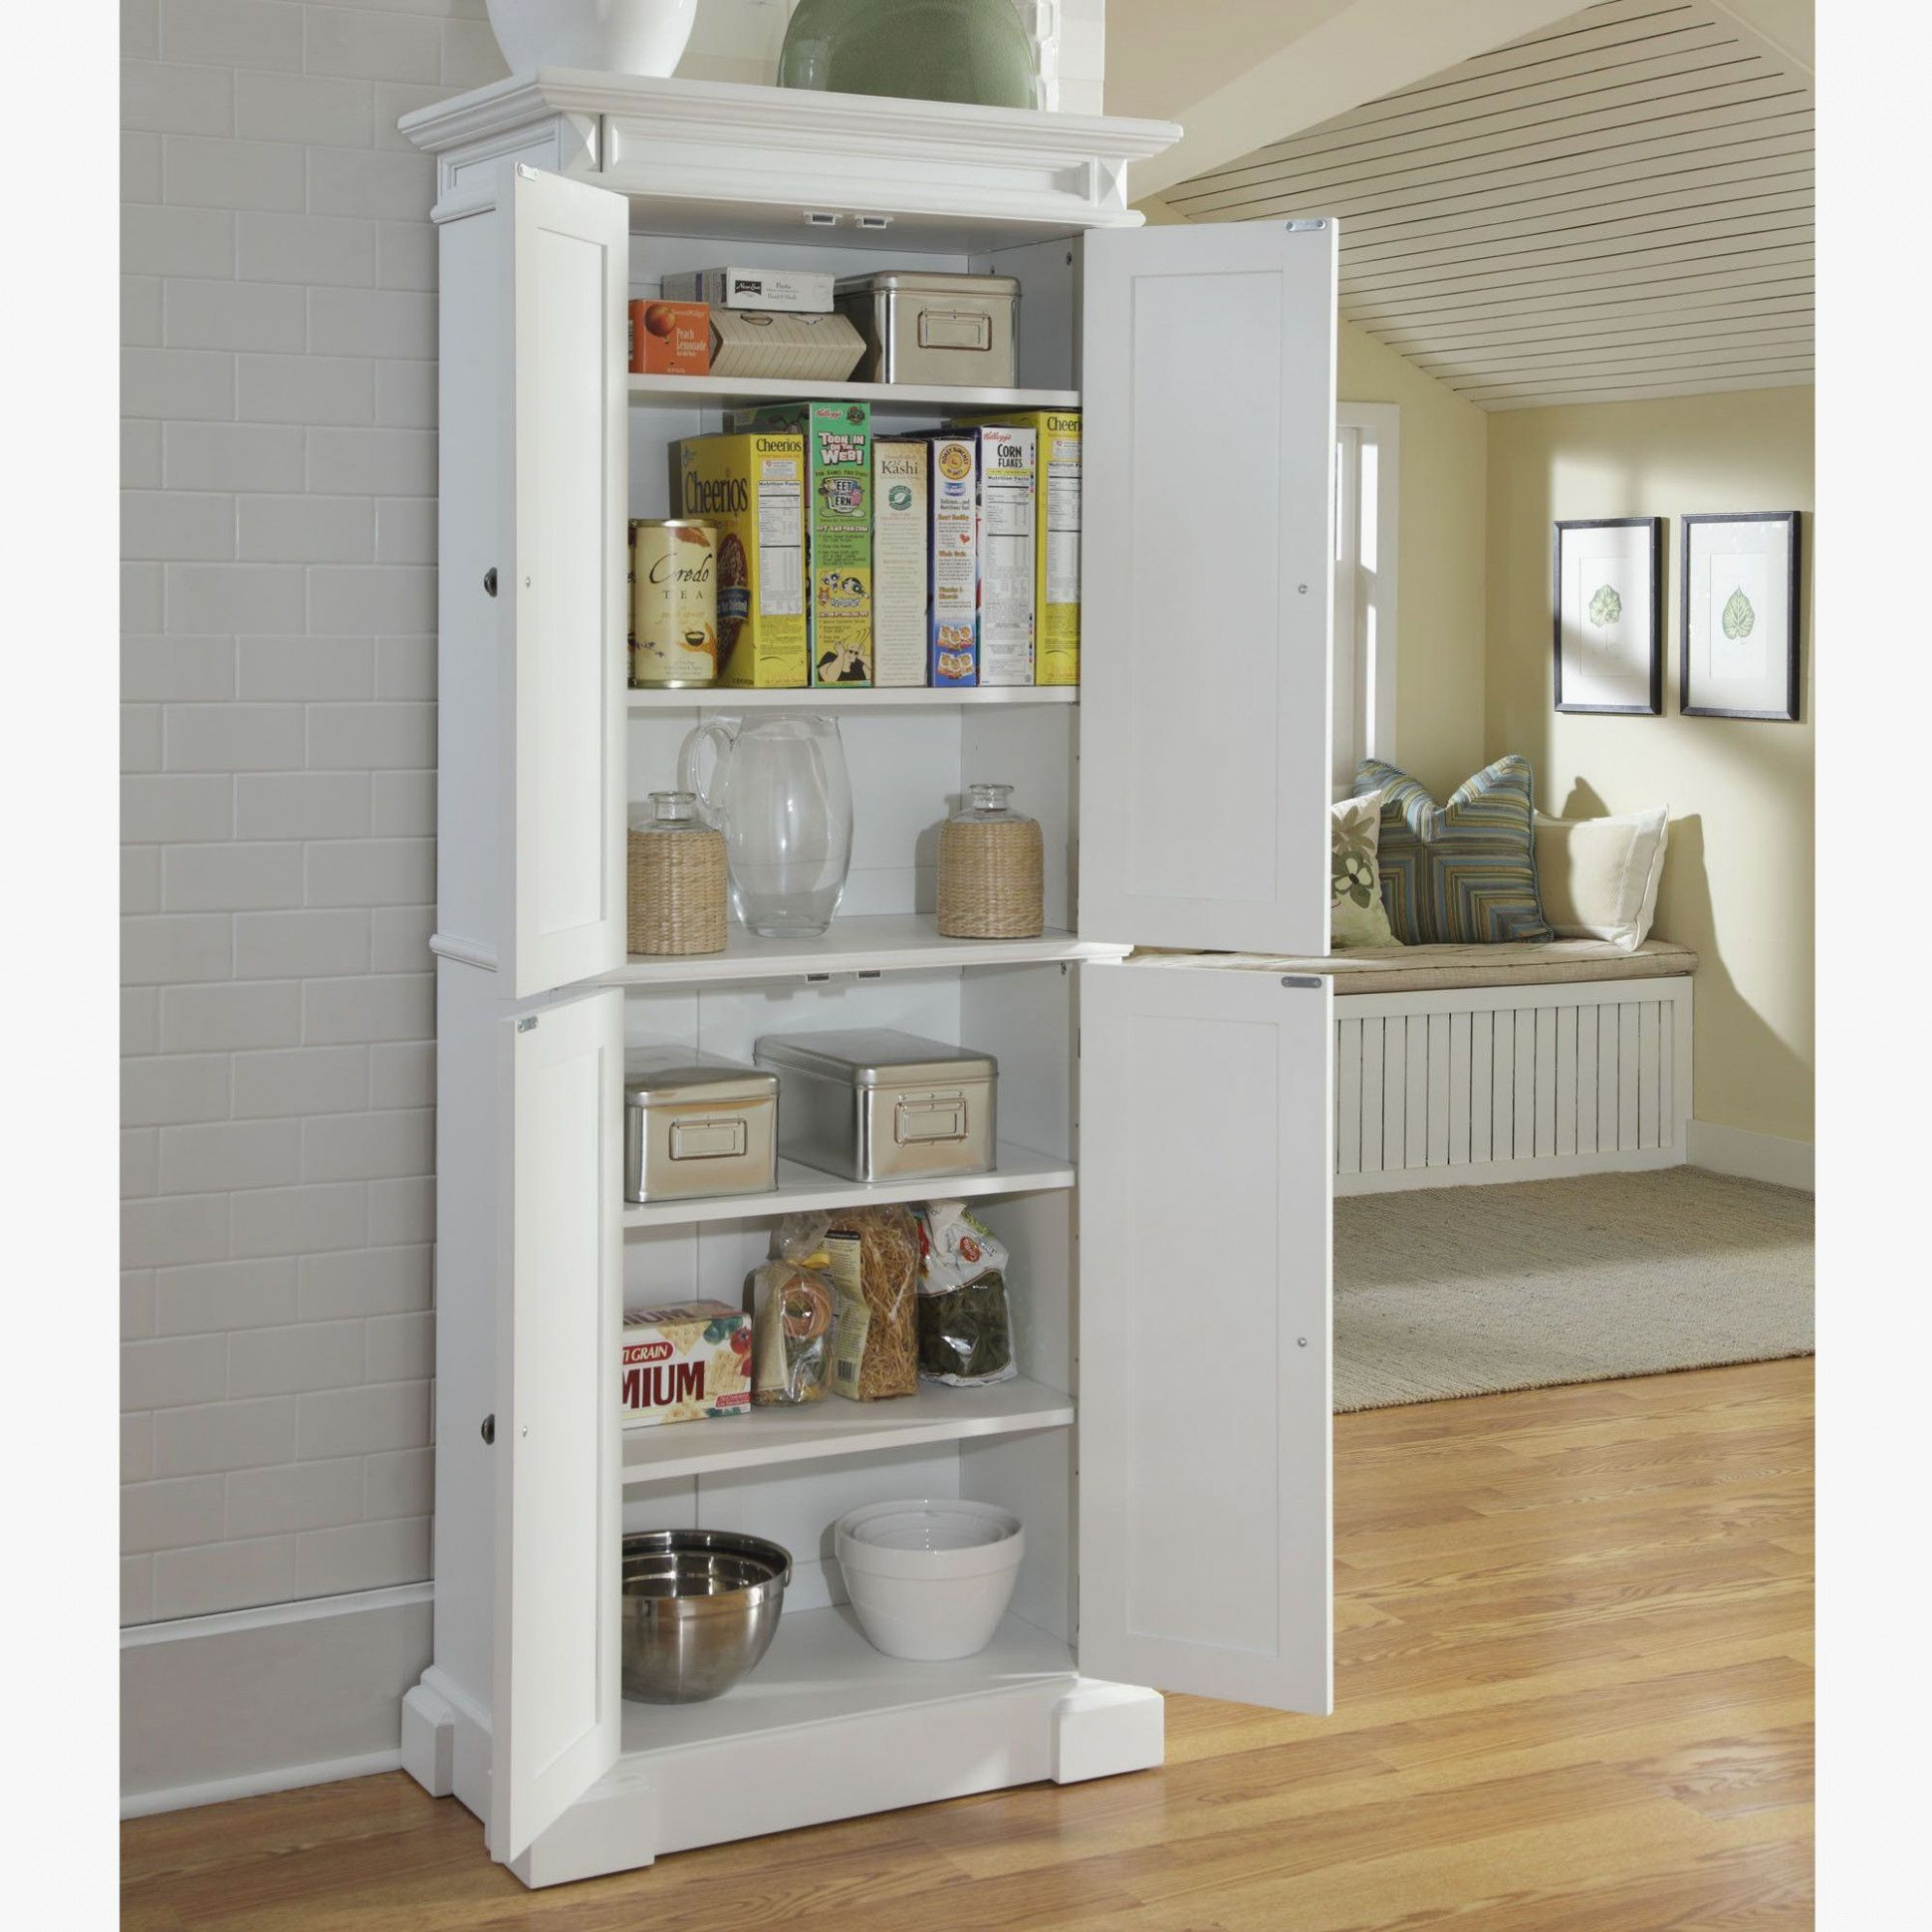 9 Ikea Kitchen Storage Cabinets In 2020 Kitchen Pantry Storage Cabinet Pantry Storage Cabinet Kitchen Cabinet Storage